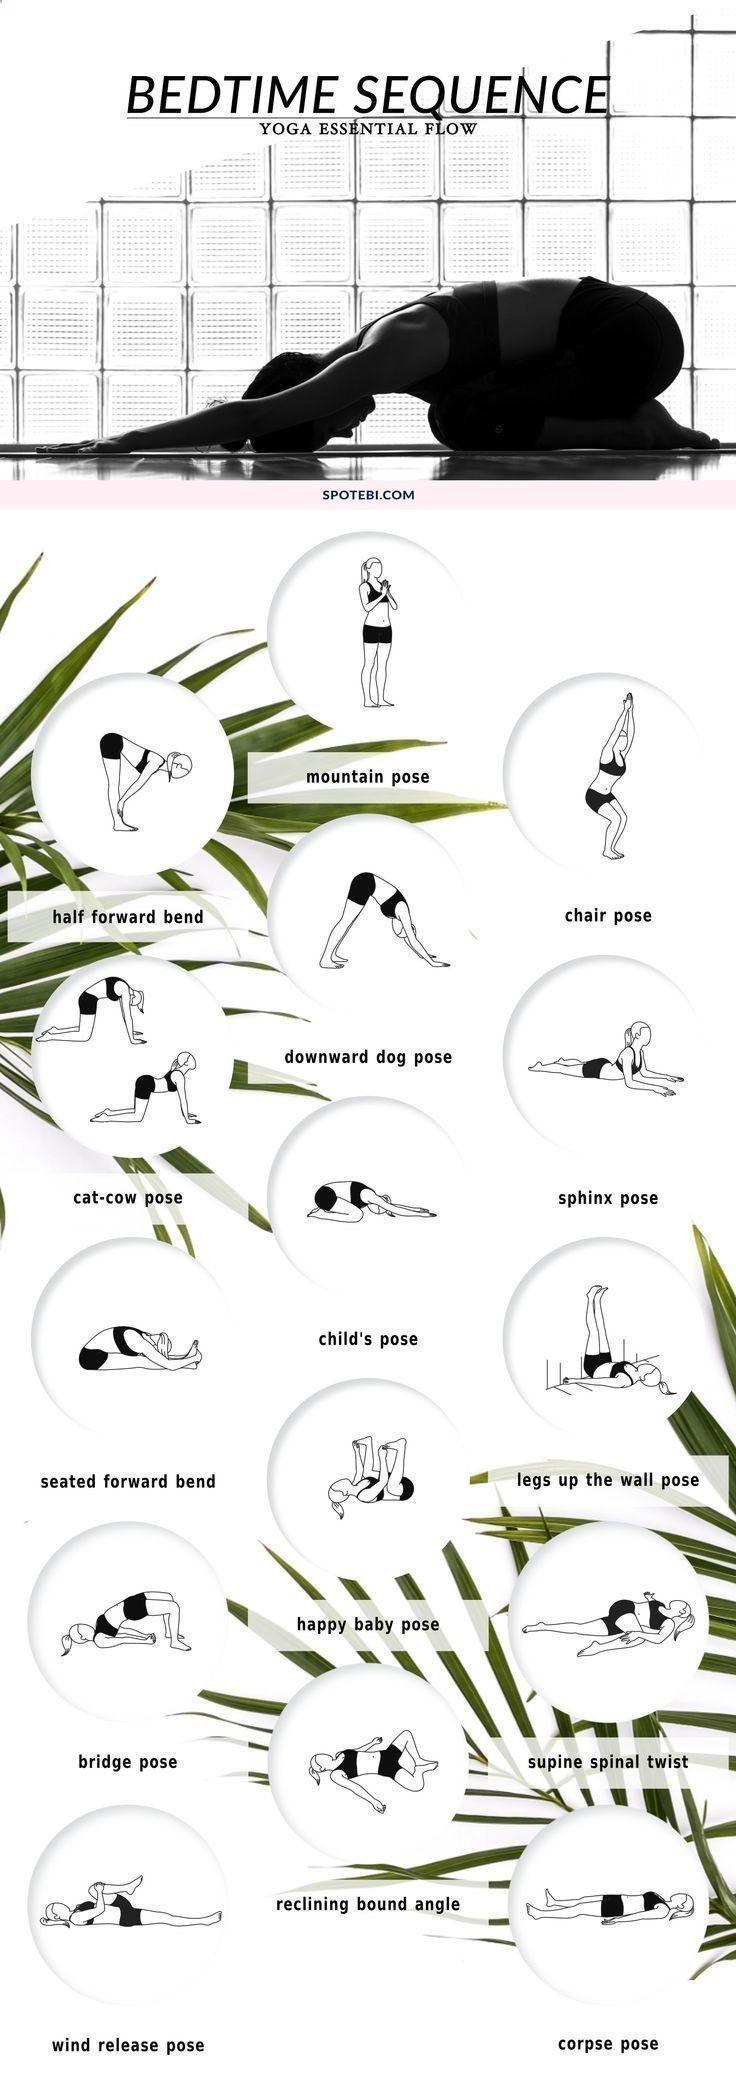 Les 524 Meilleures Images Du Tableau Easy Yoga Workout Sur Pinterest